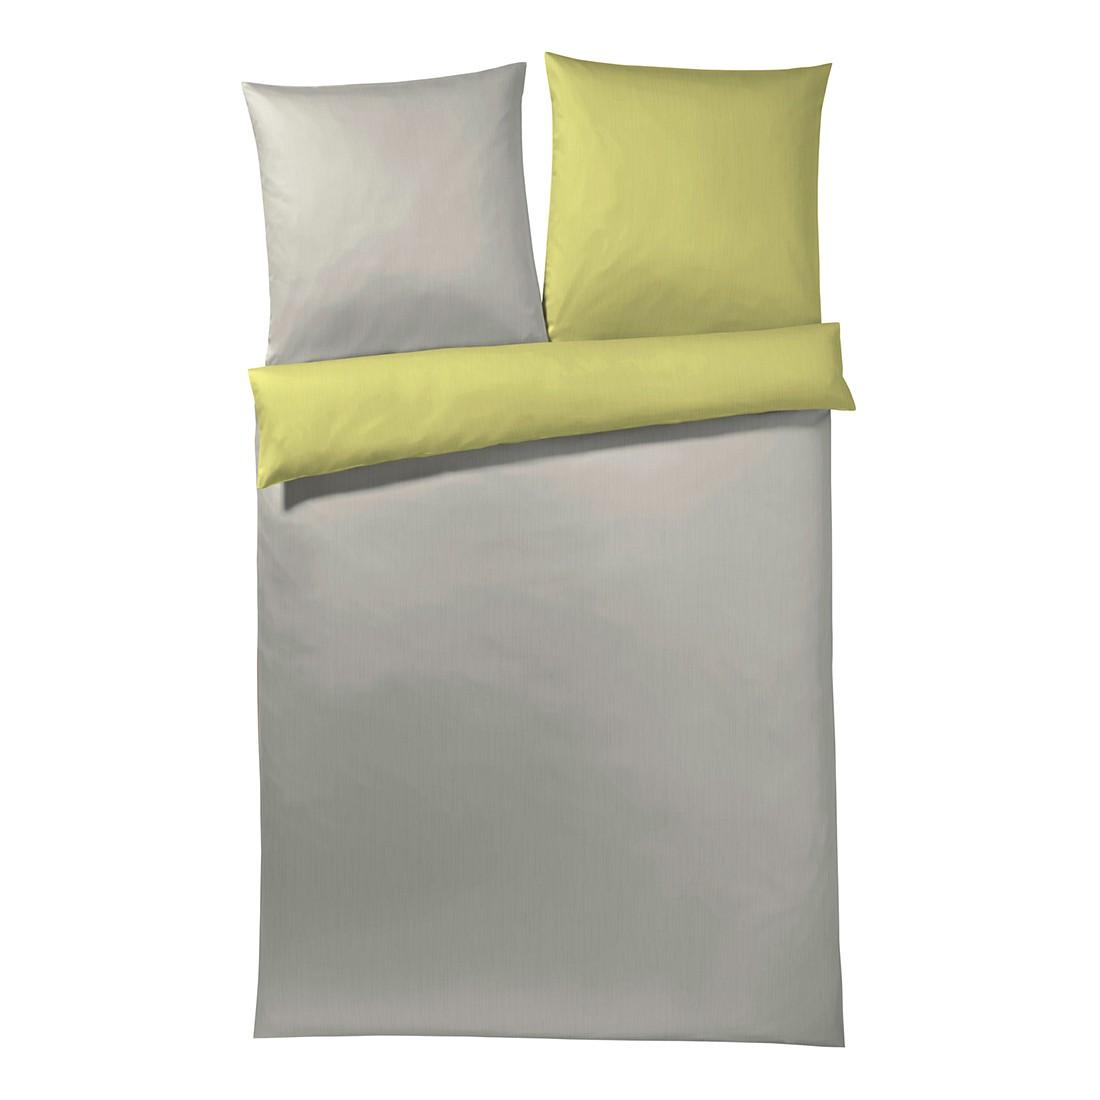 Bettwäsche Mako-Satin Plaza Plain Honan 4050 – Baumwolle – Limone – 80×80 cm – 135×200 cm, Joop kaufen